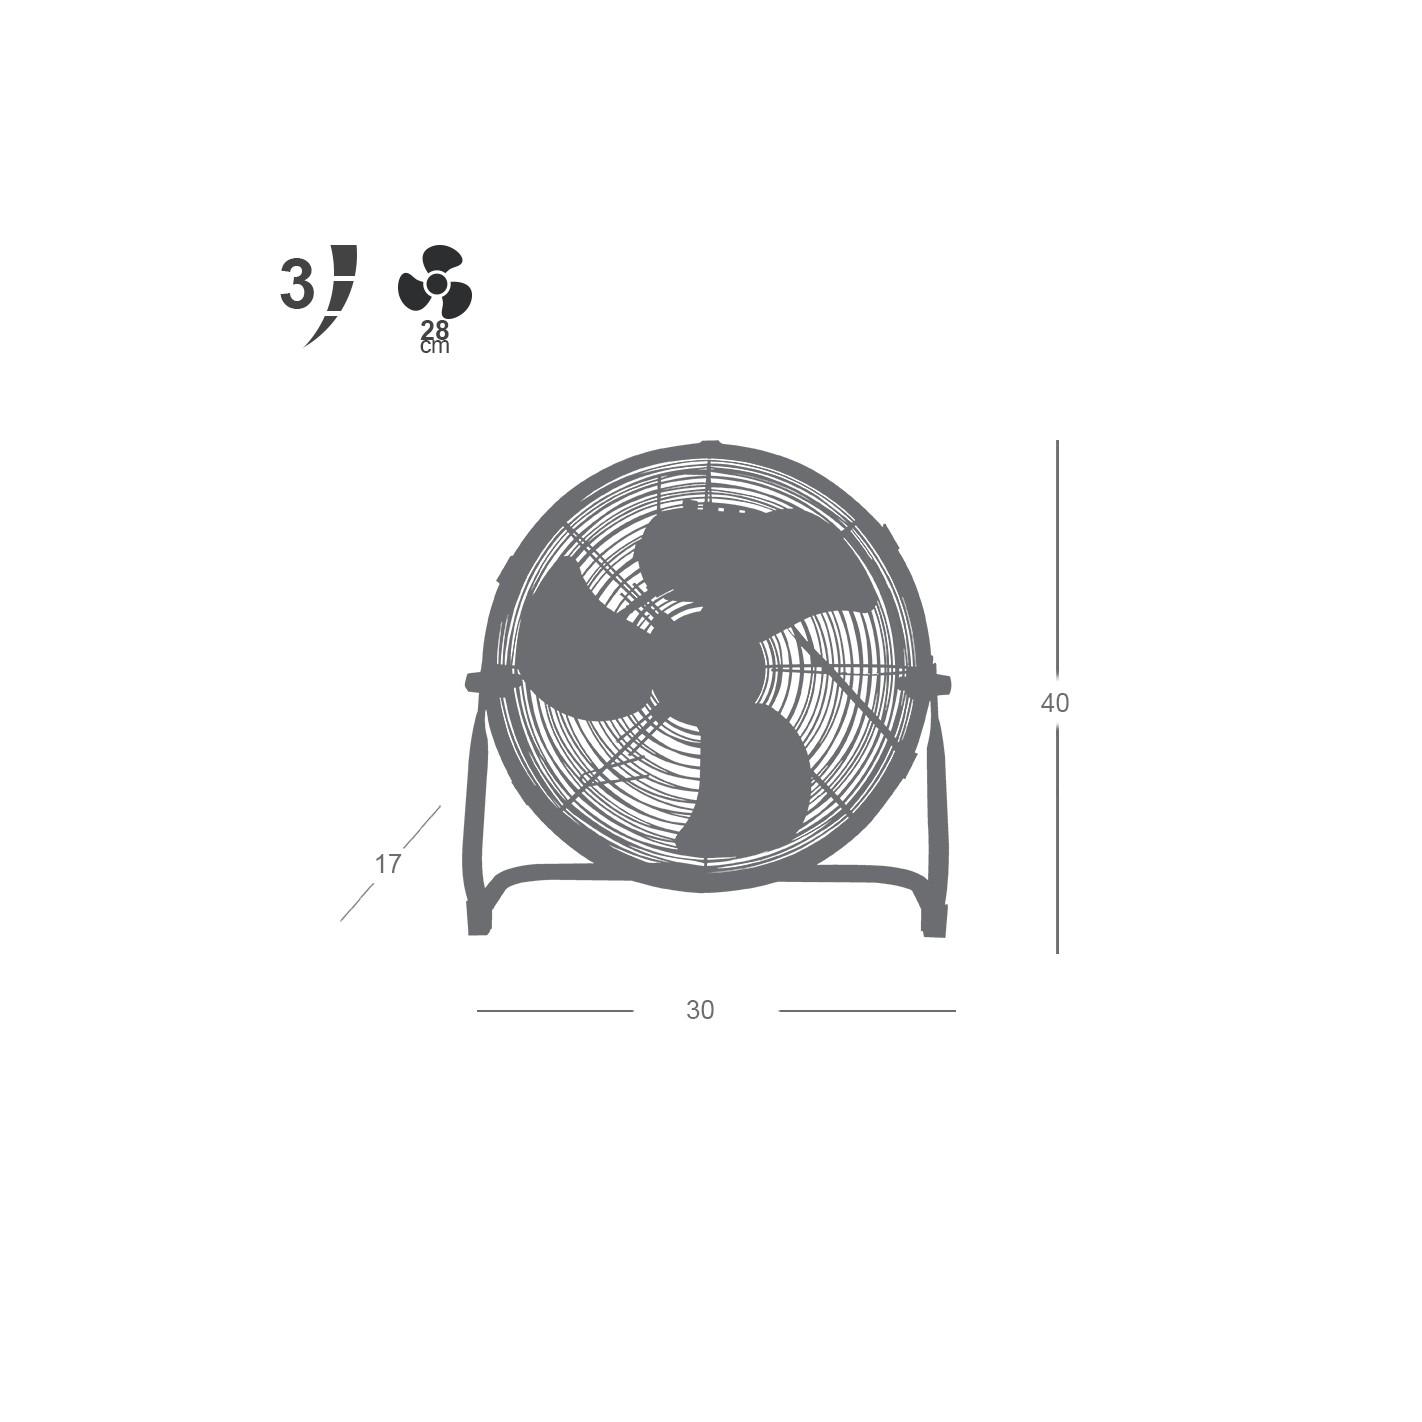 Ventilador industrial de suelo serie austro 55w 36cm - Ventiladores de suelo ...